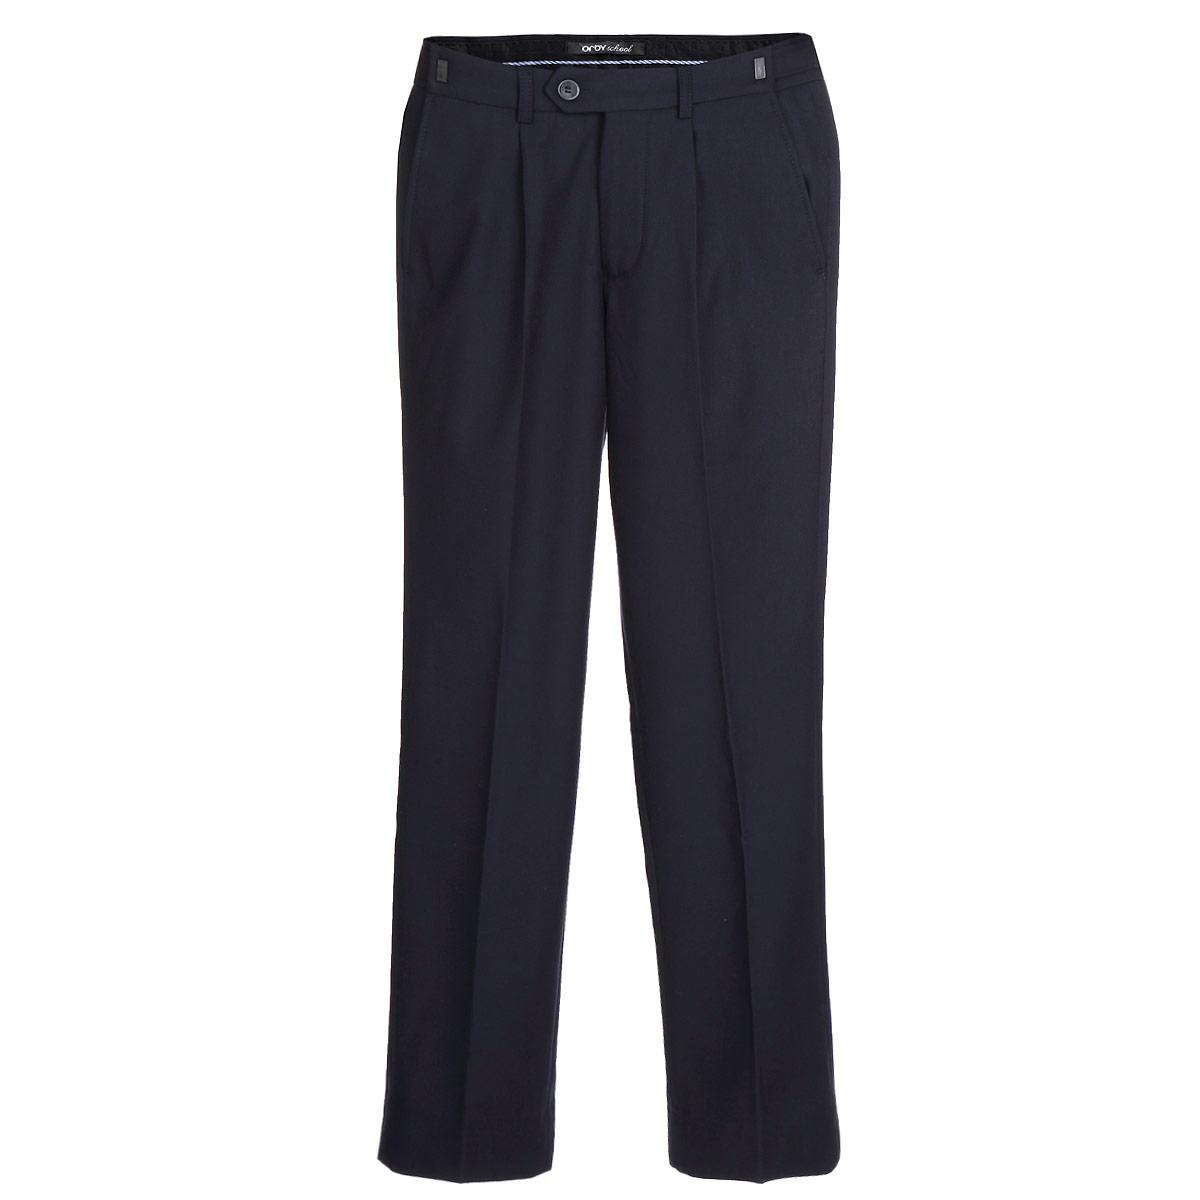 Брюки для мальчика. 6322963229_OLB_вар.1Классические брюки для мальчика Orby - основа повседневного школьного гардероба. Изготовленные из высококачественного материала - полиэстера с добавлением вискозы, они необычайно мягкие и приятные на ощупь, не сковывают движения и позволяют коже дышать, не раздражают даже самую нежную и чувствительную кожу ребенка, обеспечивая ему наибольший комфорт. С изнаночной стороны брюки утеплены мягким флисом, что обеспечивает комфорт в прохладное время года. Брюки прямого покроя с заутюженными стрелками на талии застегиваются на пластиковую пуговицу и на металлический крючок, а также имеют ширинку на застежке-молнии и шлевки для ремня. Плавающая регулировка в поясе брюк (хлястиками на зажимах) обеспечивает комфортную посадку. Спереди брюки дополнены двумя втачными карманами с косыми краями. Регулировка по длине на 6 см позволяет носить брюки не один сезон. Такие брюки подходят под различные варианты пиджаков, джемперов и водолазок.